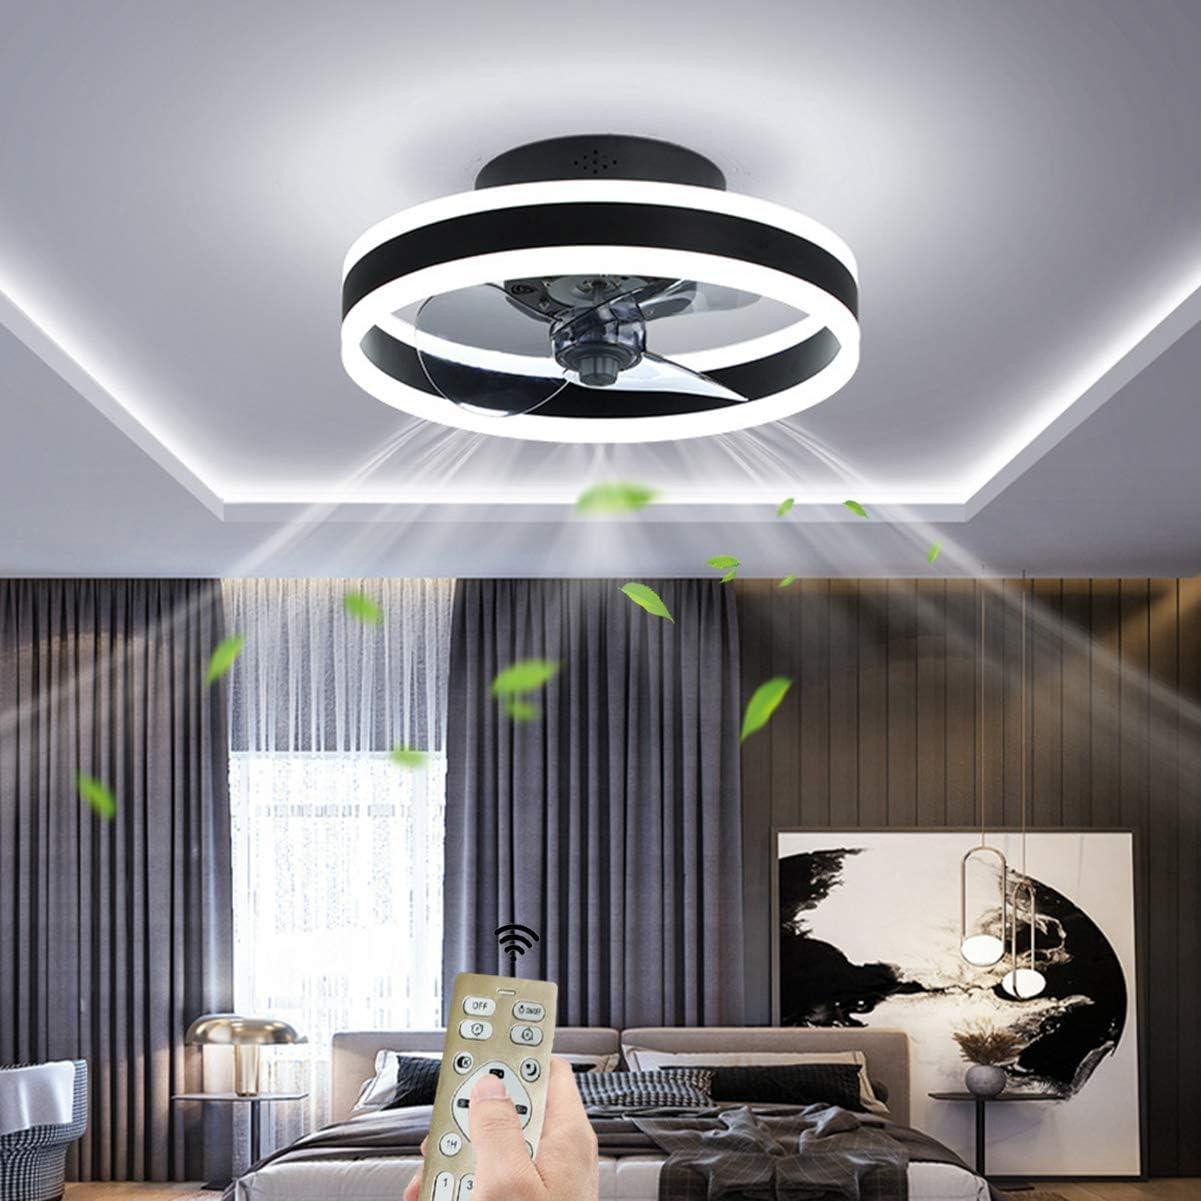 OMGPFR Ø40CM Ventilador de Techo con Luces y Control Remoto, LED 24W Atenuación Moderno Lámpara de Techo, Silencio Iluminación del Ventilador por Sala Cuarto Oficina, Viento de 6 velocidades,Negro